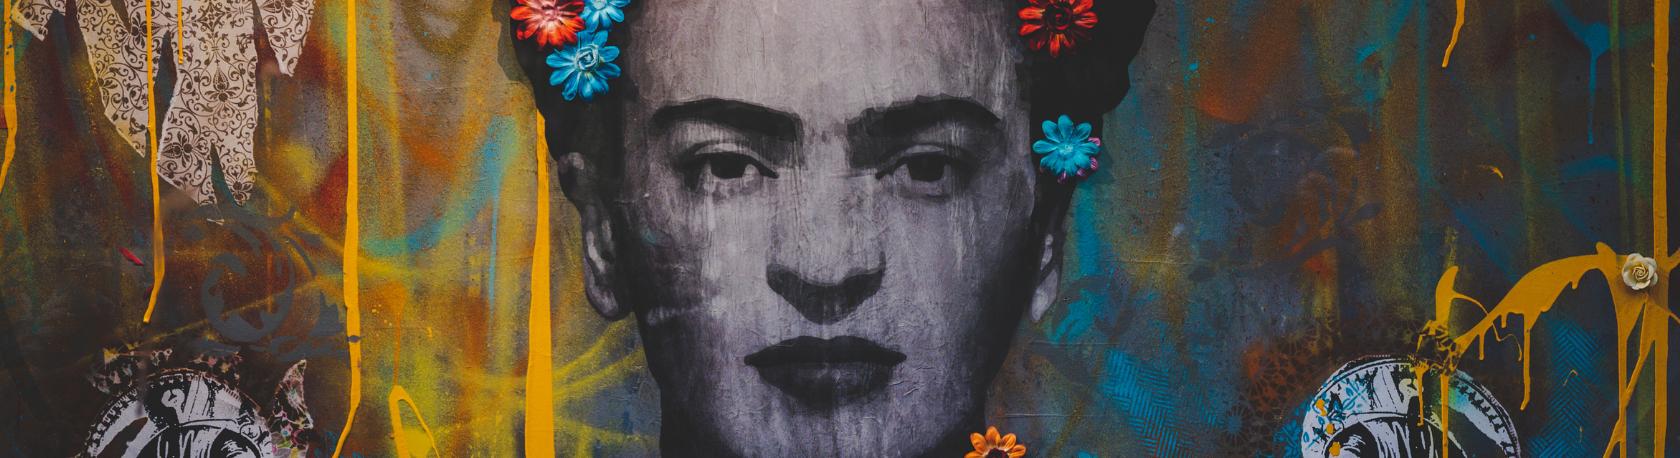 Easy Podcast: Frida, Diego, Trotski y el poliamor comunista